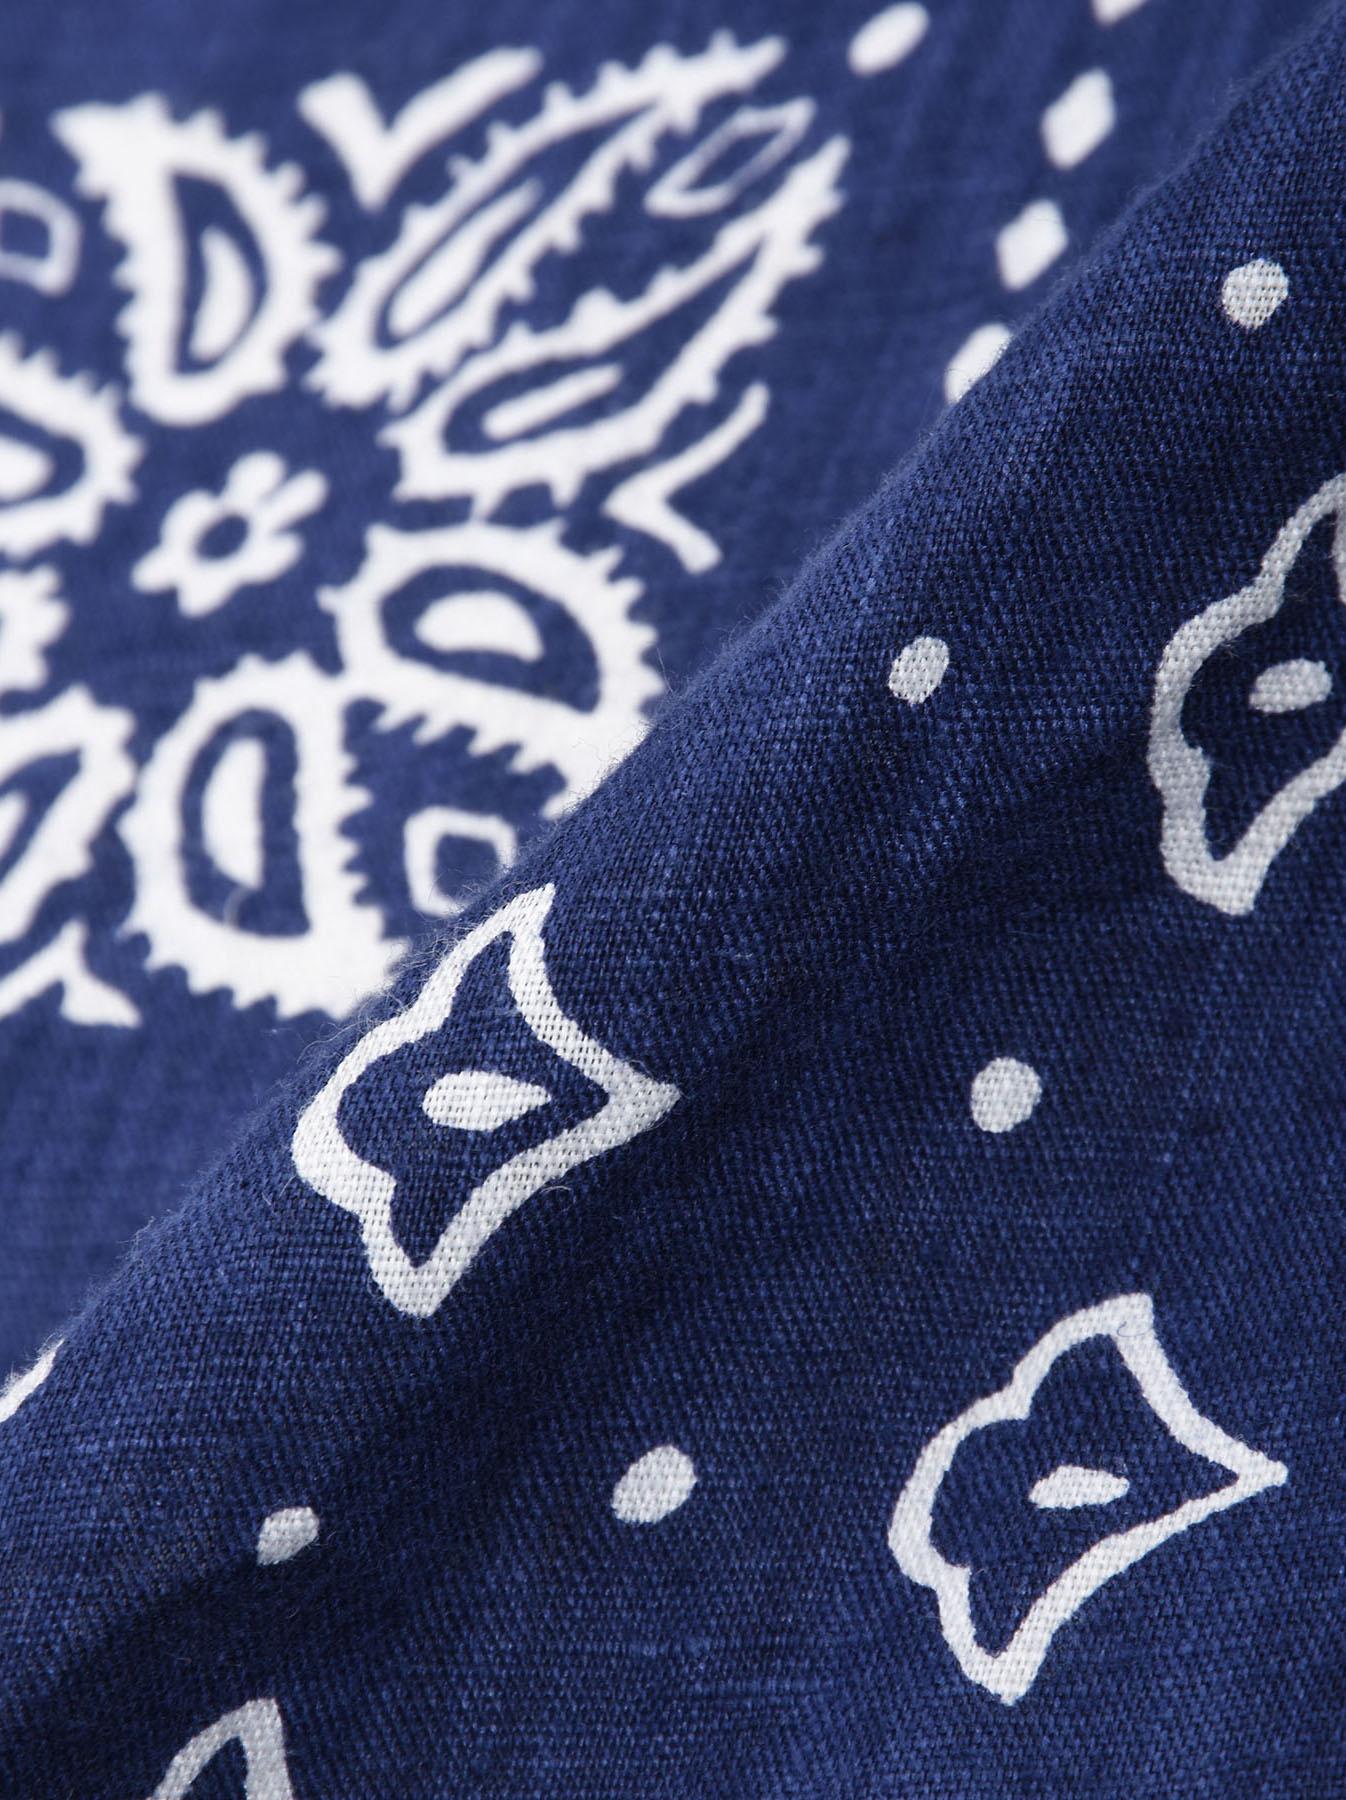 Majotae Blue Bandana-9